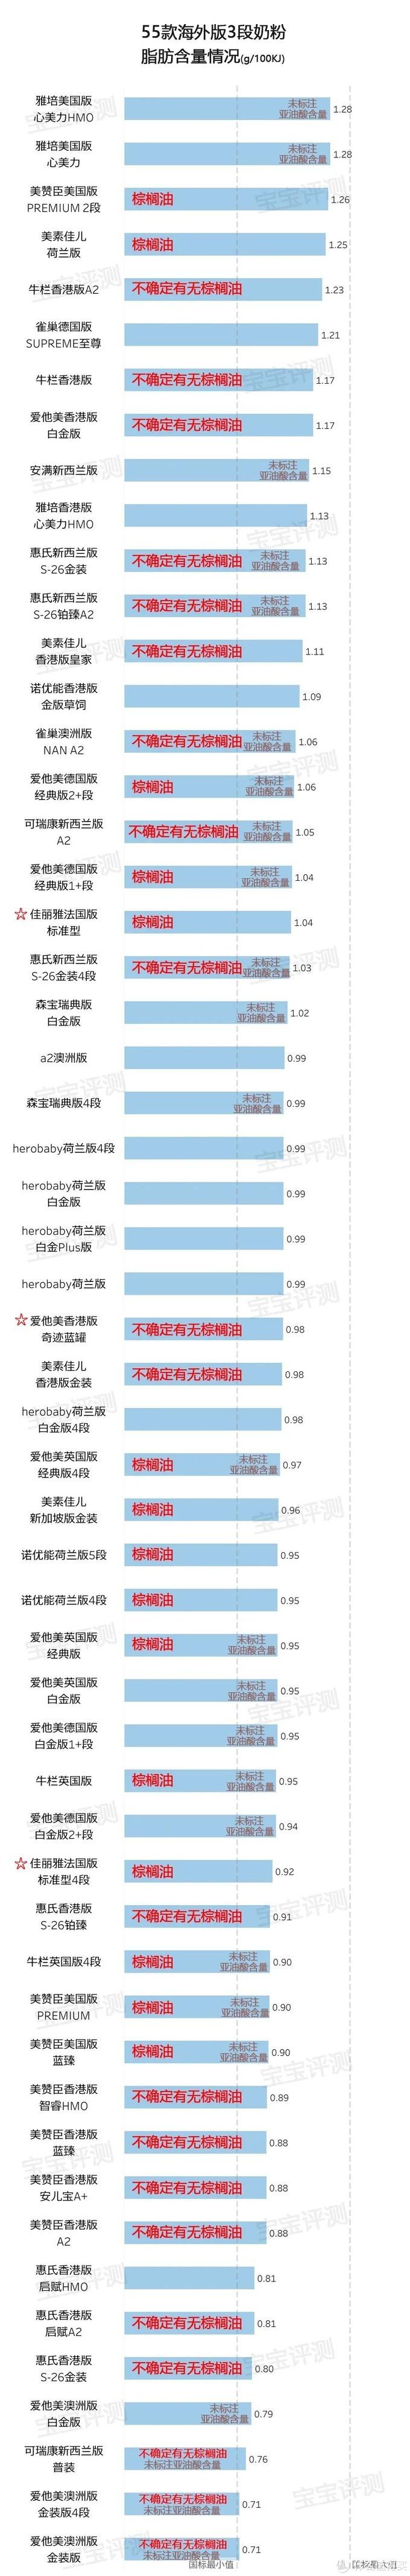 55款海外版3段奶粉评测2020版:深究配方,这些情况要留意。